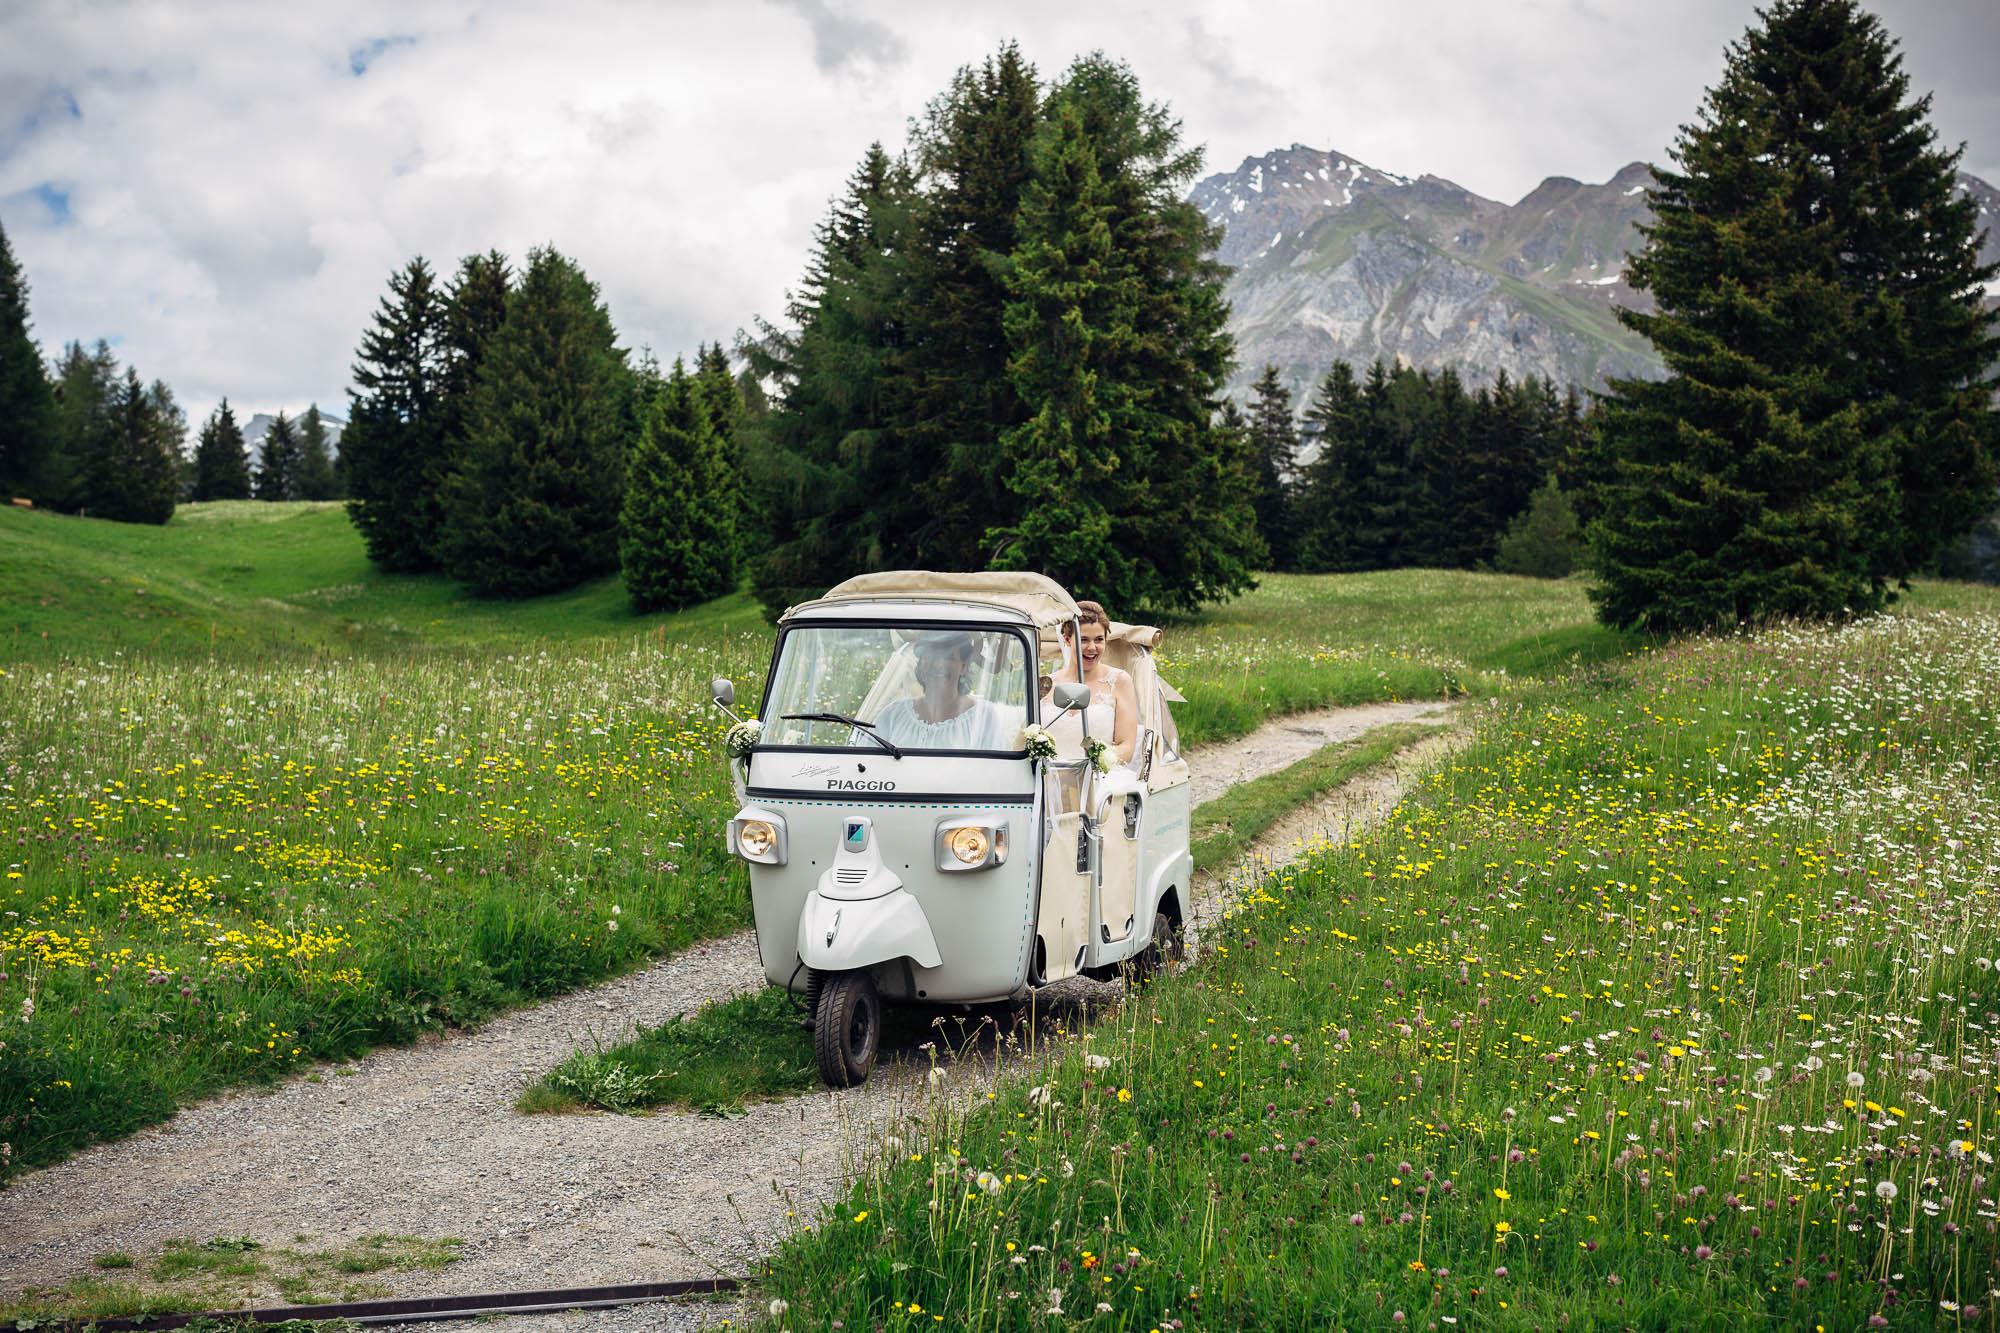 Brautpaar wird mit Tuktuk chauffiert